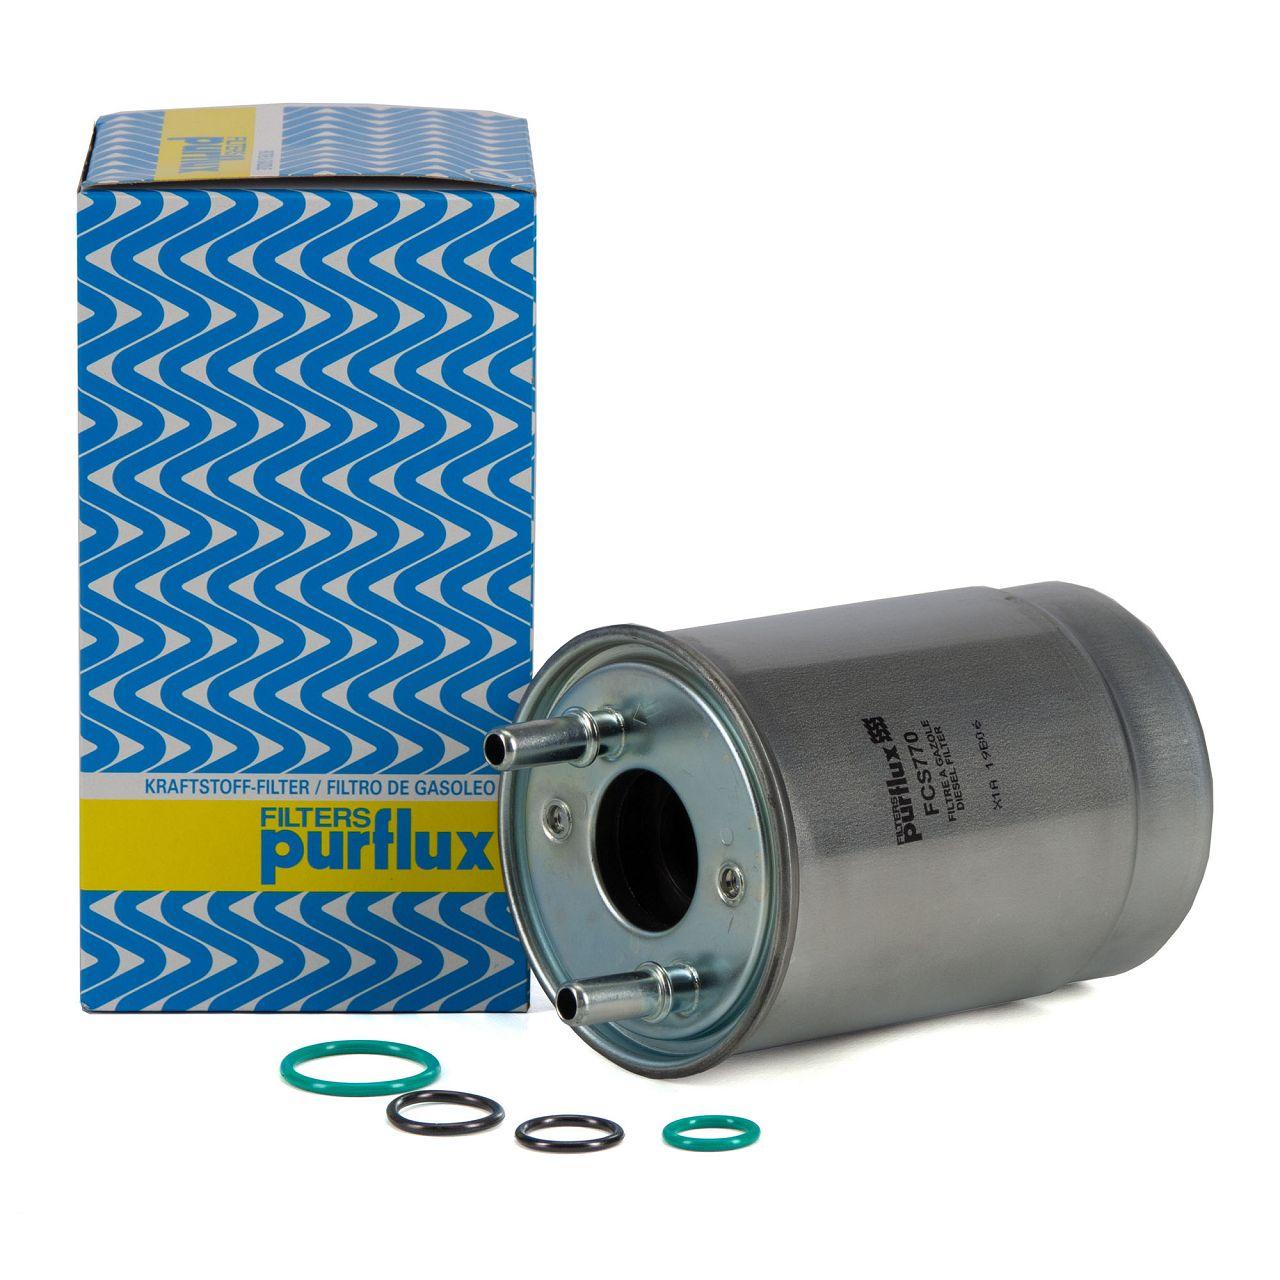 PURFLUX Kraftstofffilter Dieselfilter für RENAULT GRAND SCENIC MEGANE 3 1.5 dCi